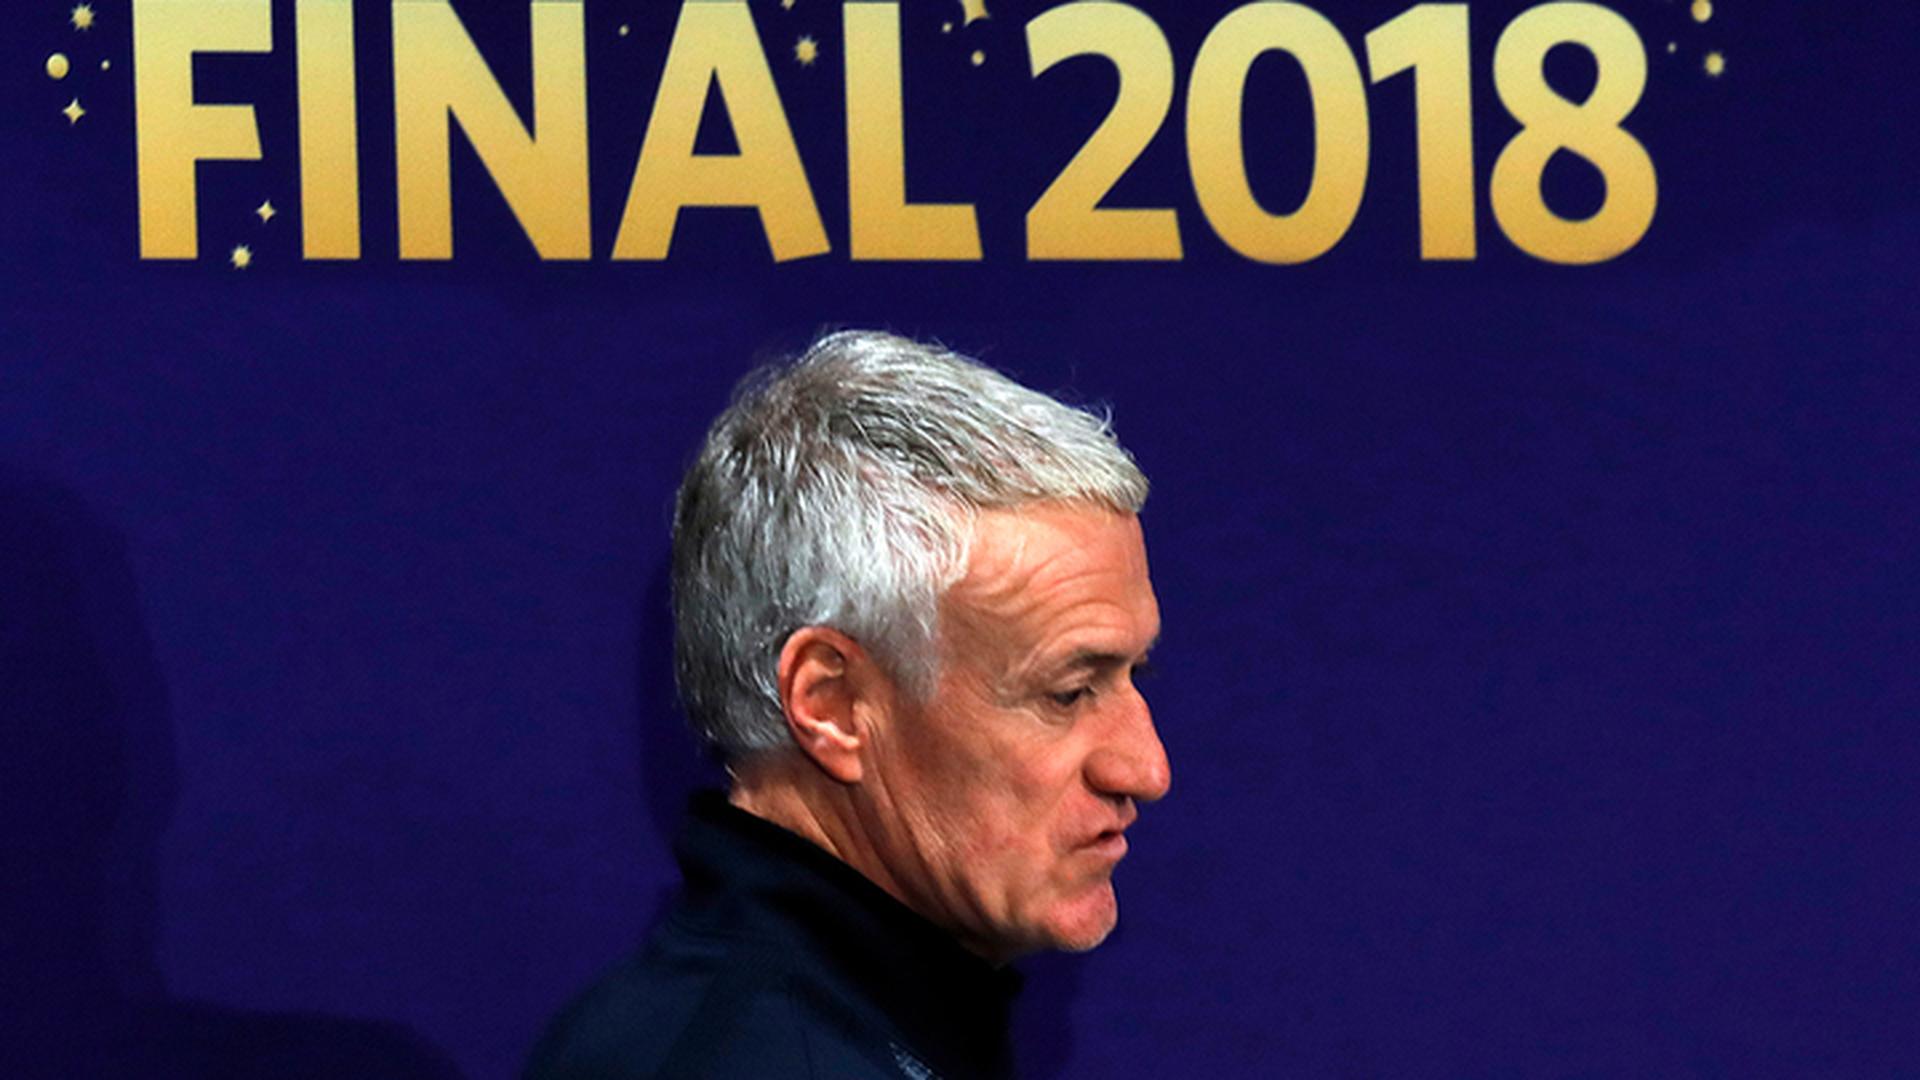 Тренер Франции Дешам: в финале нам нужно проявить три ключевых компонента